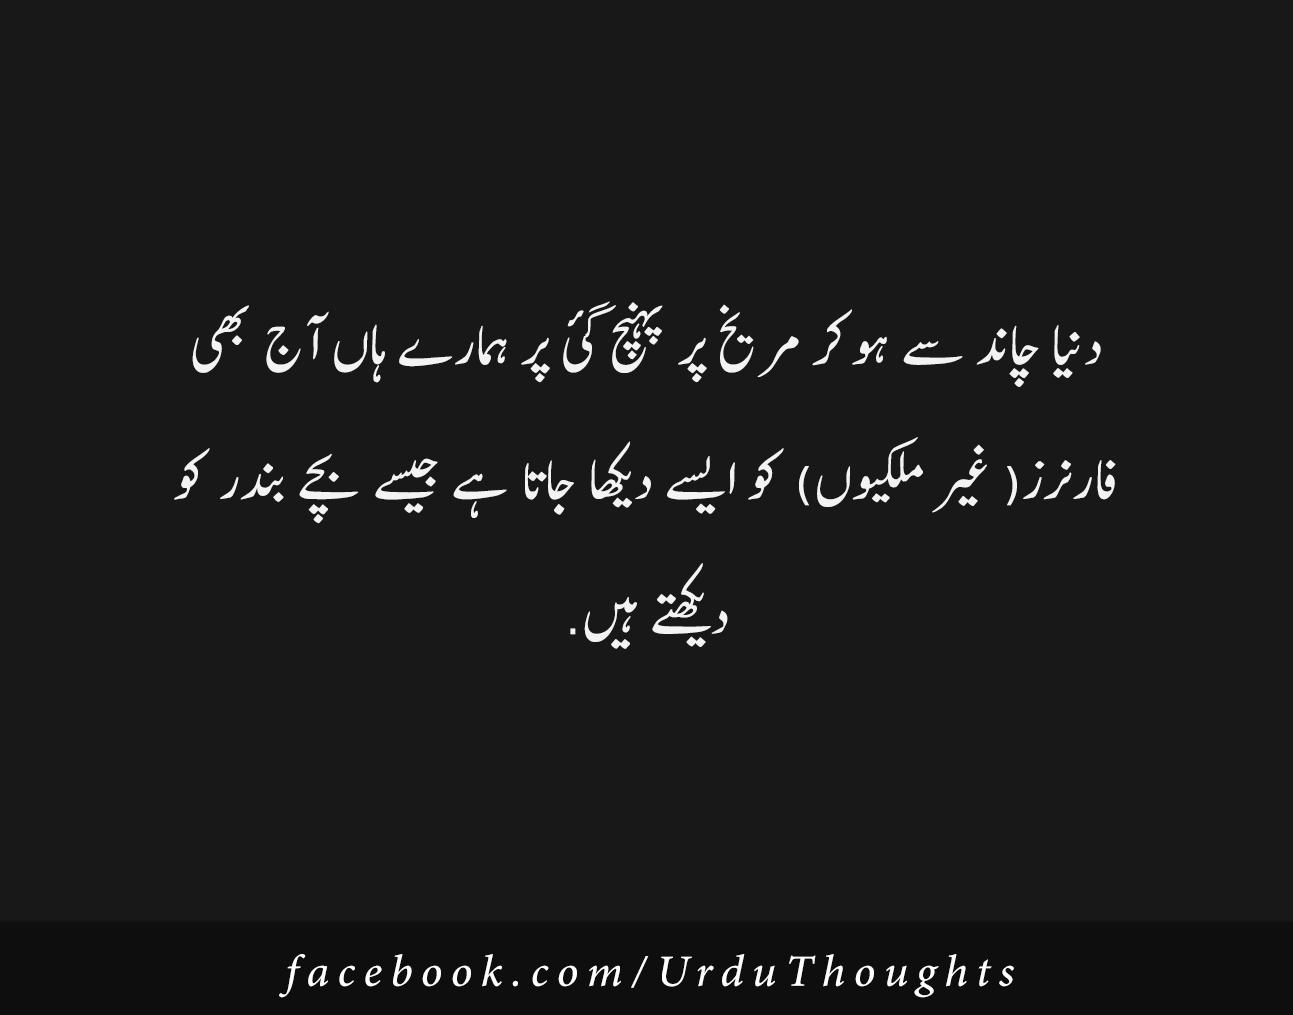 Funny Poetry In Urdu Lines Facebook Funny Shayari In Urdu Funny Poetry In Urdu For Friends Funny Urdu Poetry Images Funny Poetry Urdu Post_ads